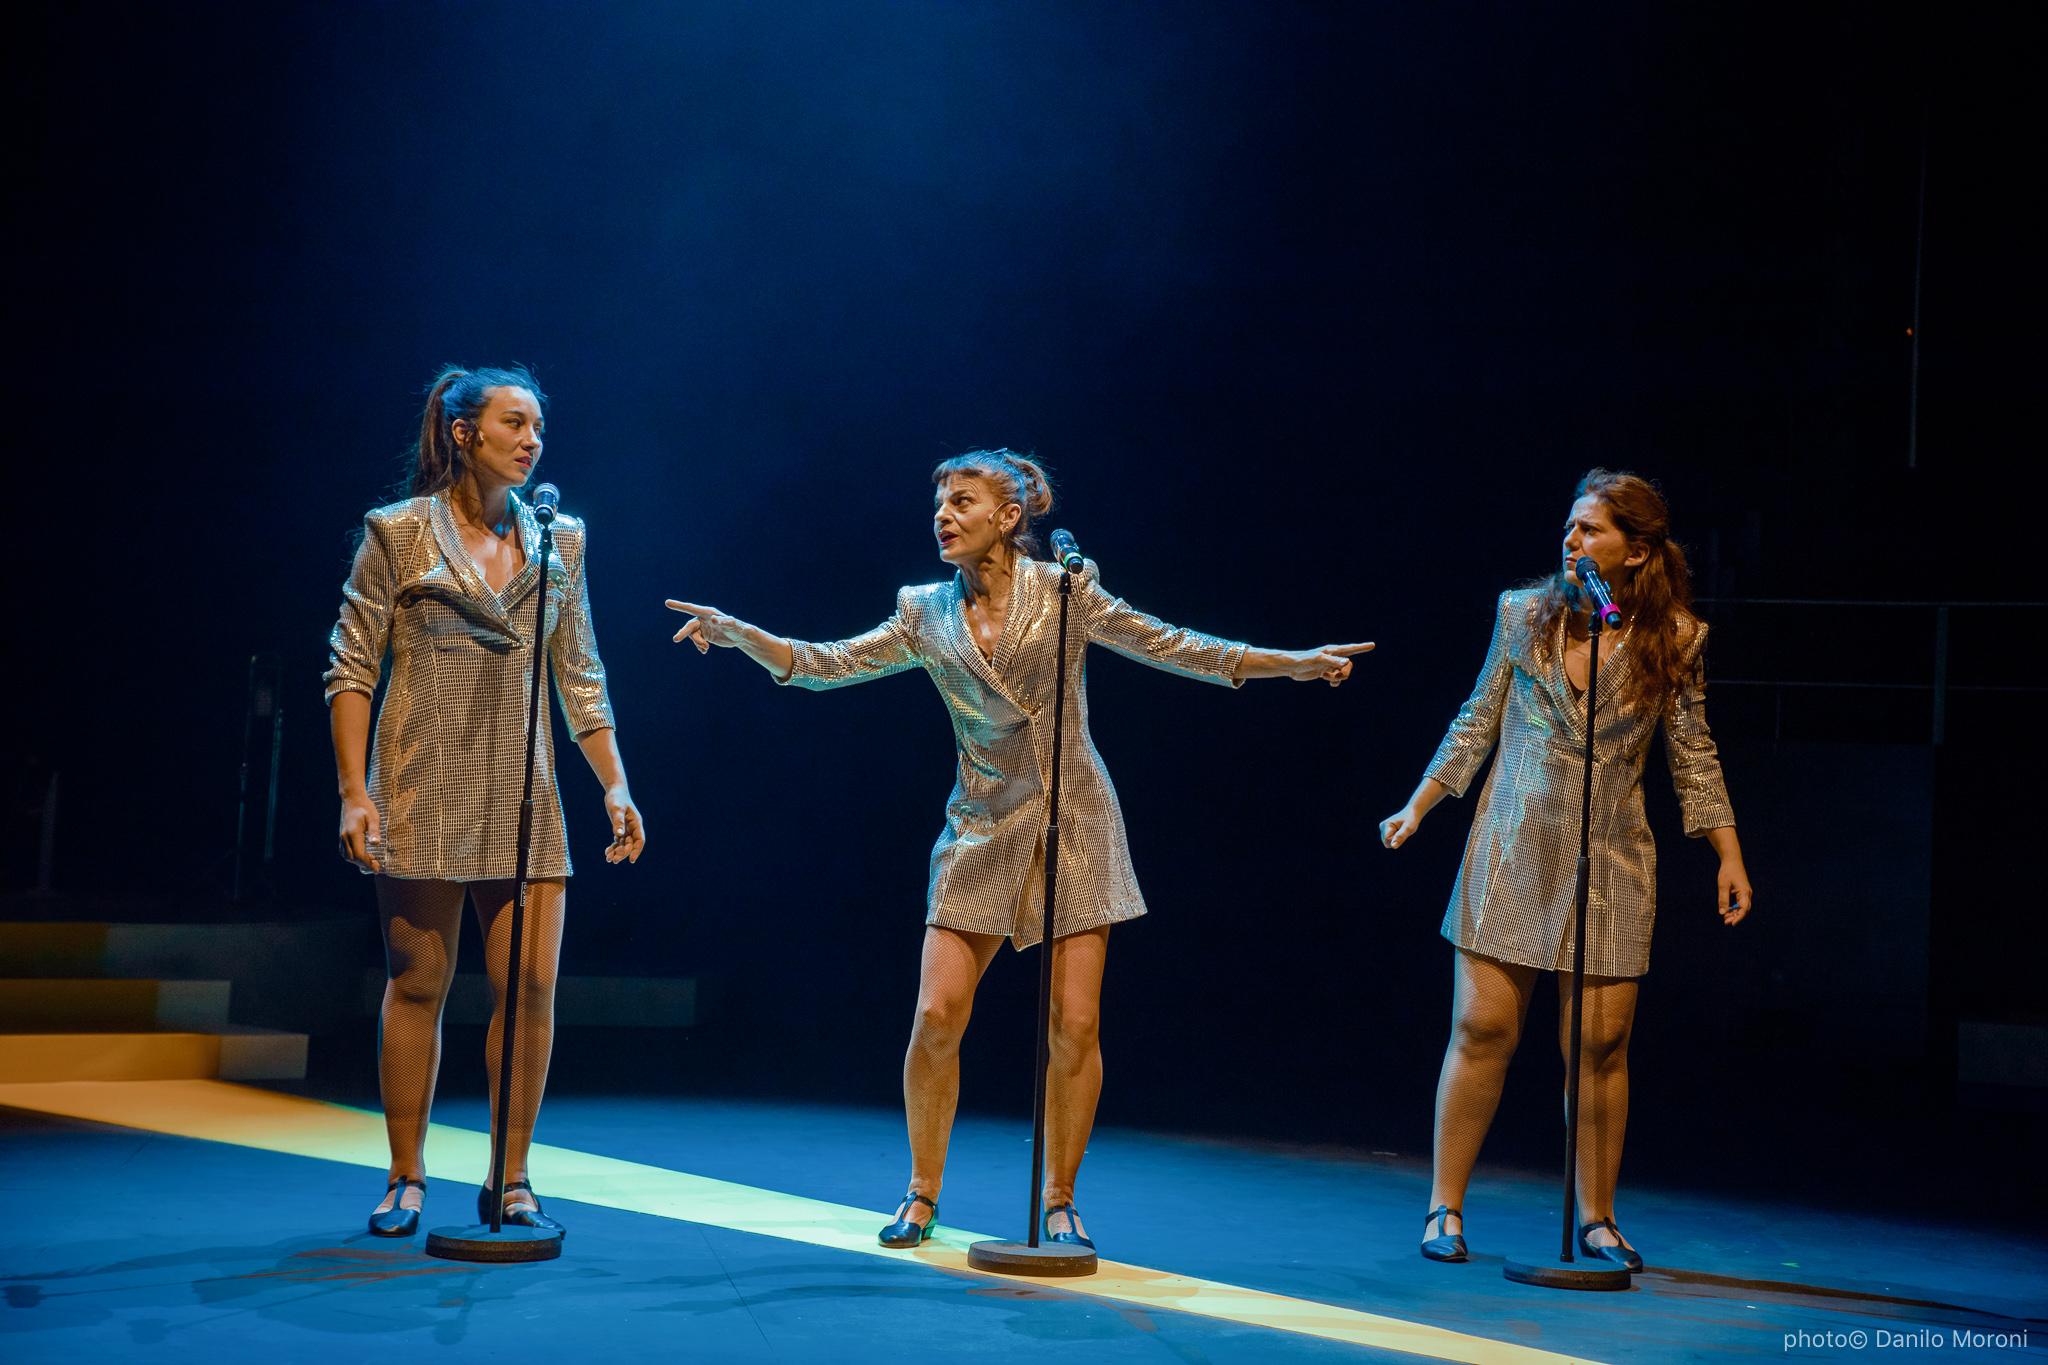 Teatro-en-vilo-Circo-Price-Miss-Mara-photo-Danilo-Moroni-532.jpg